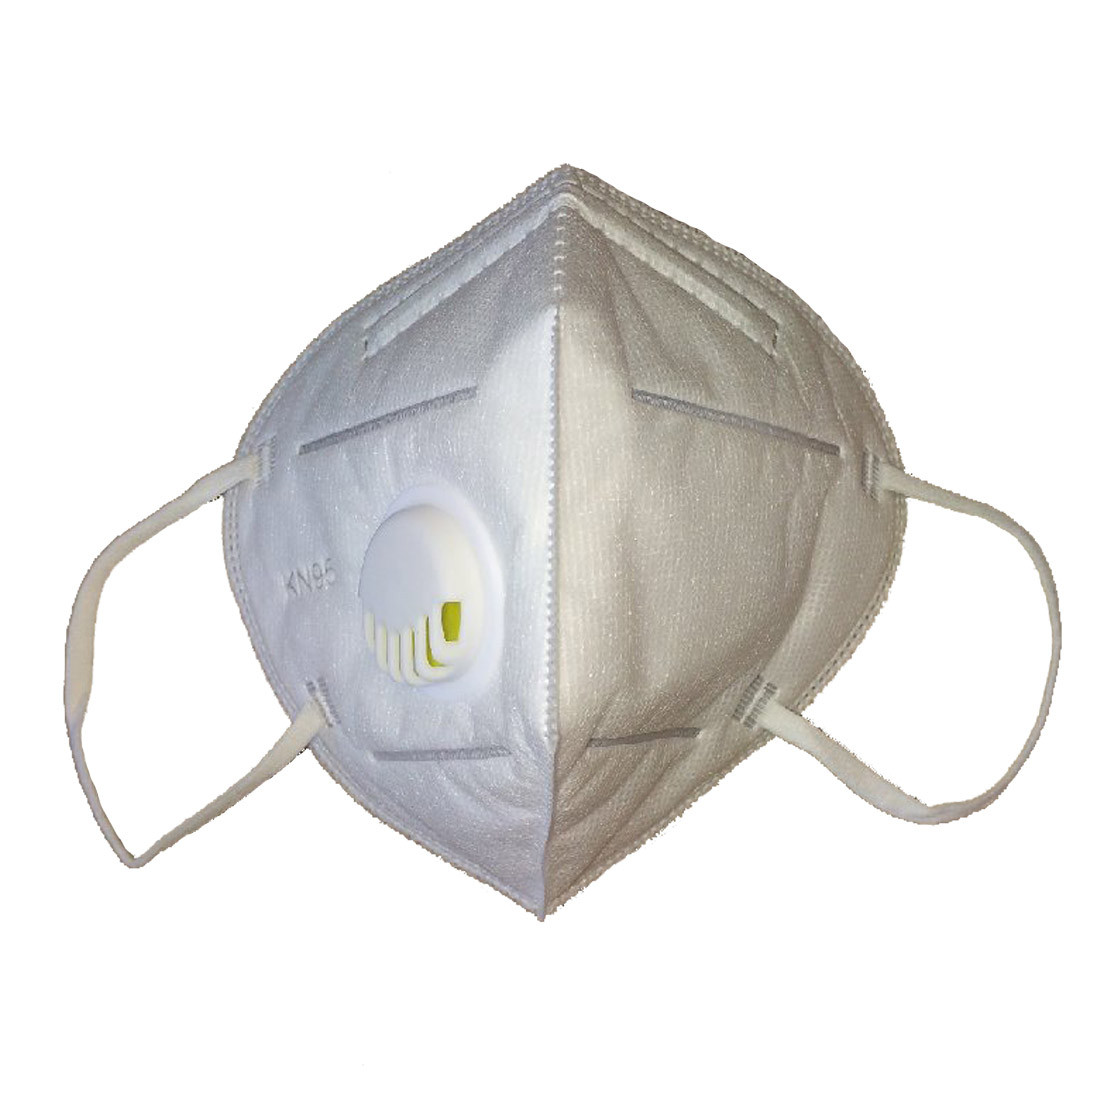 Masca cu Supapa FFP2/KN95 - Echipamente de protectie personala